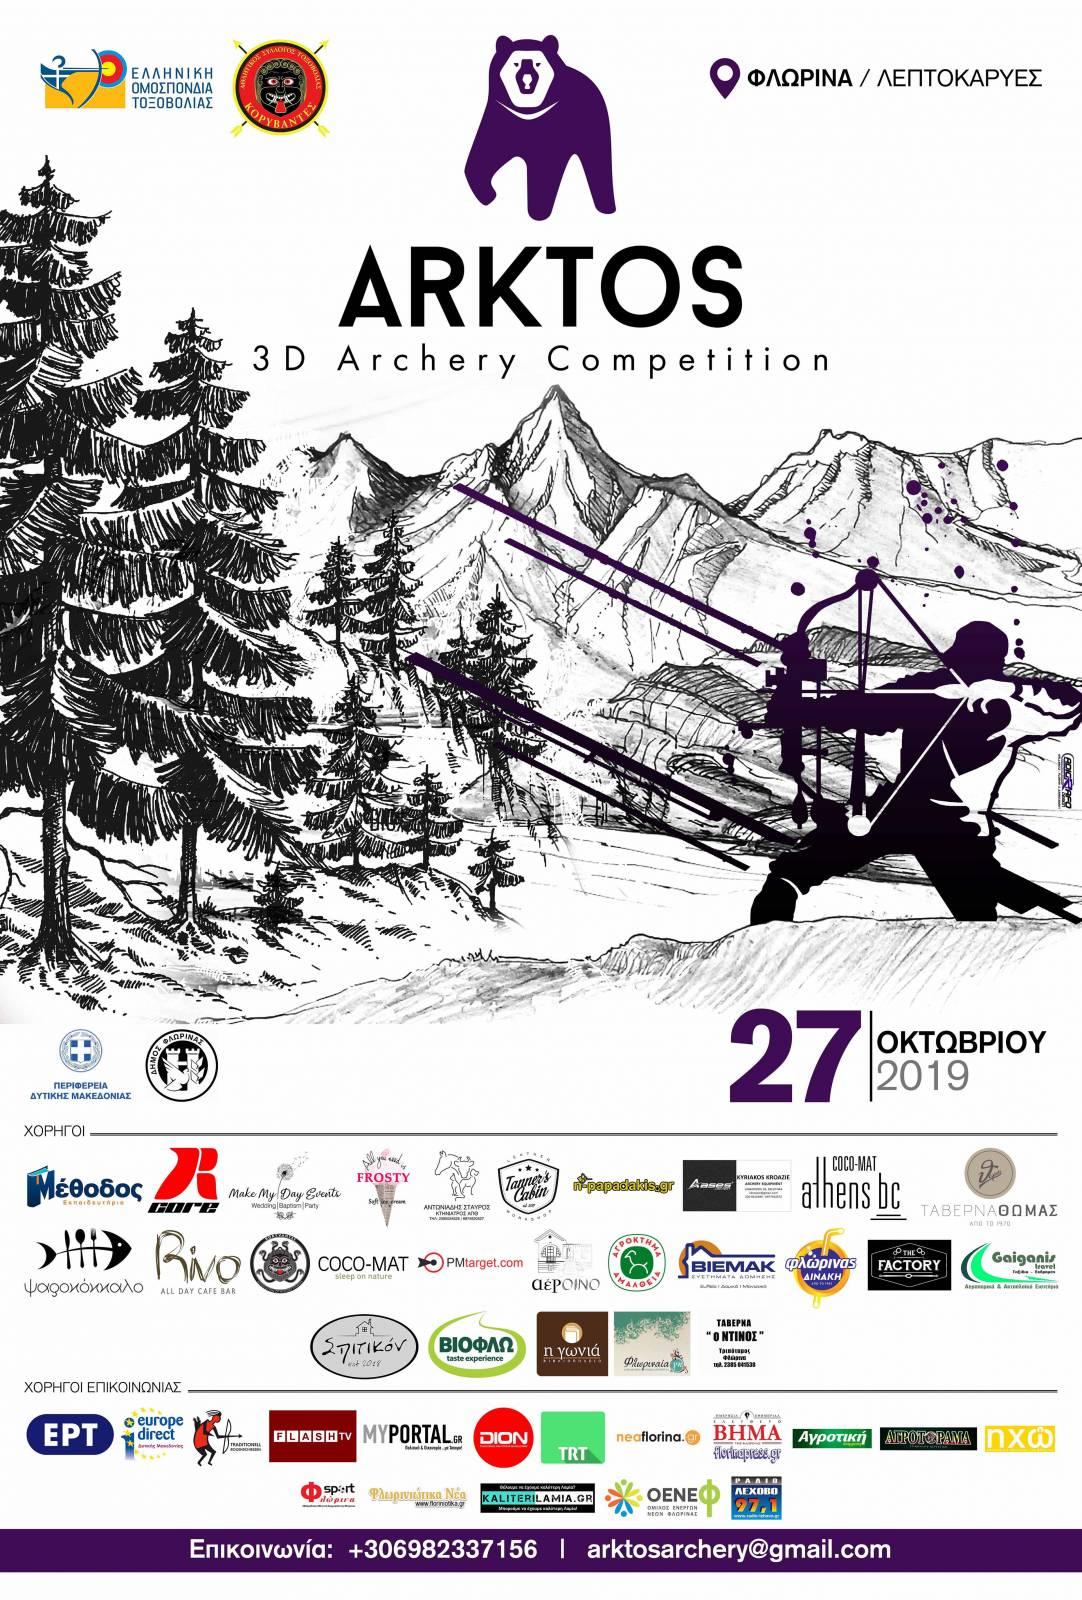 Ο Πρώτος επίσημος αγώνας 3D τοξοβολίας στην Ελλάδα-Aθλητικές διοργανώσεις στο Ευρωπαϊκό πολιτιστικό δίκτυο